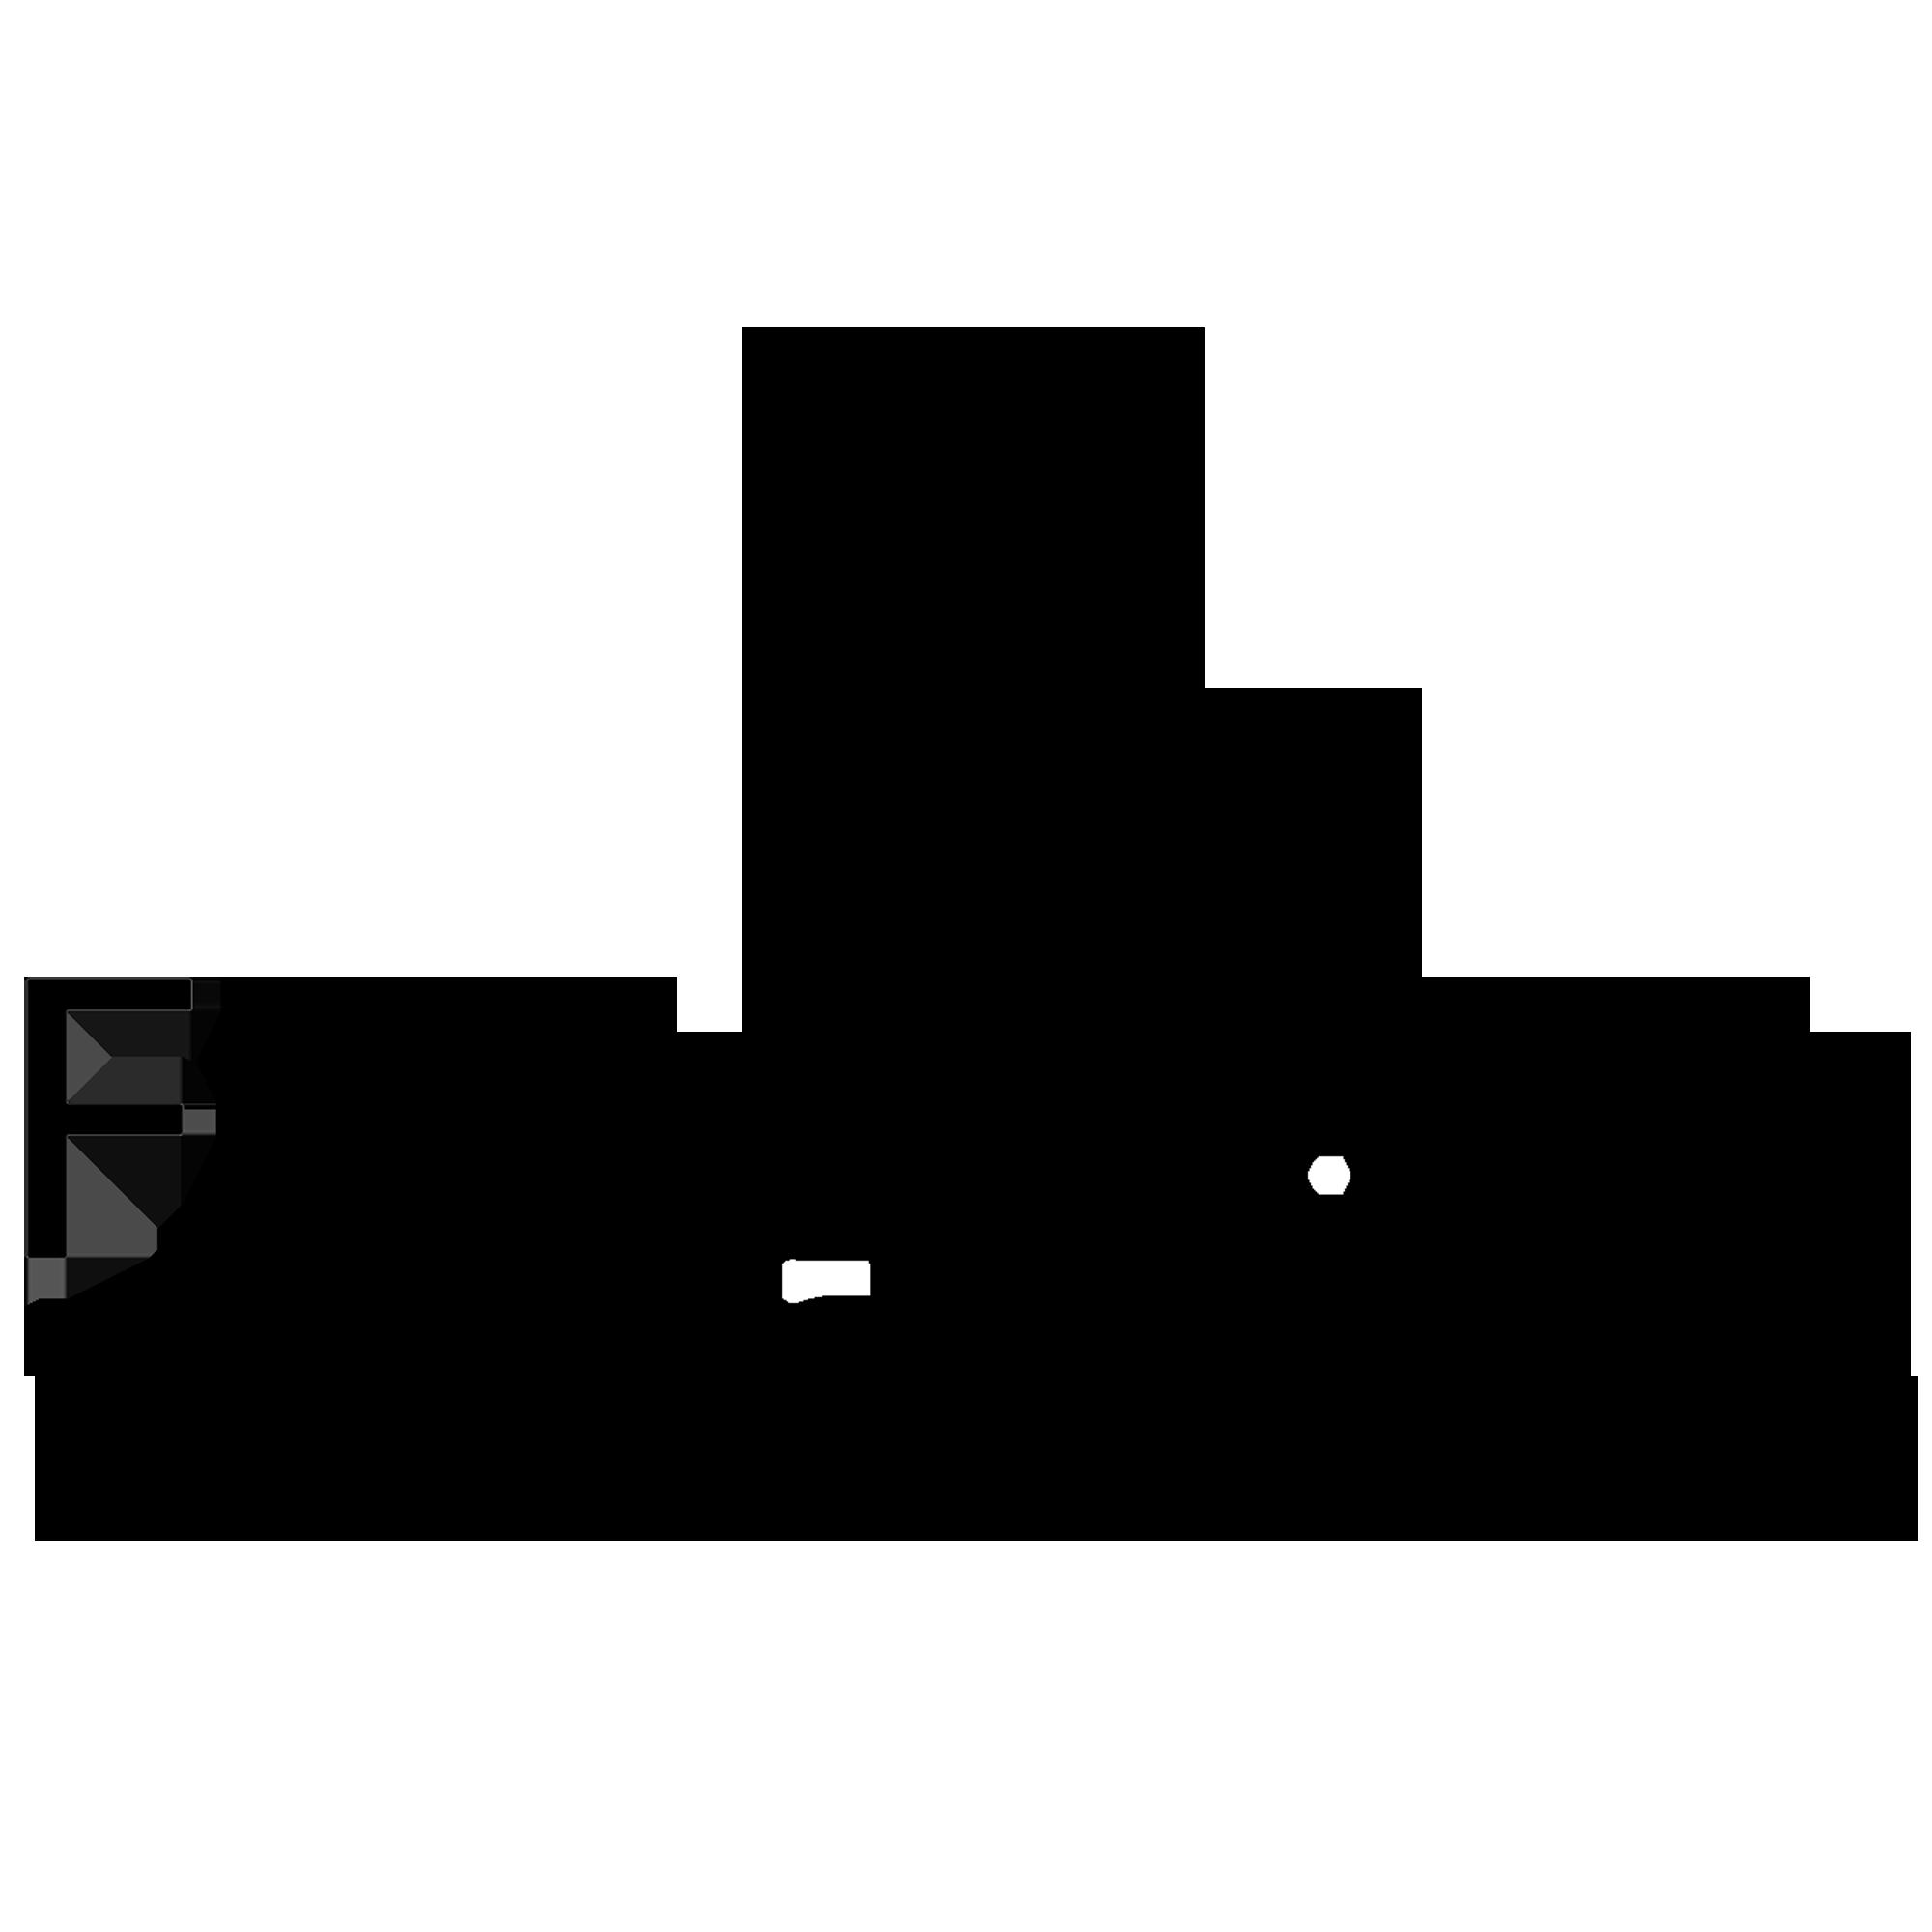 Logotipo de LUIZ CARLOS FERREIRA